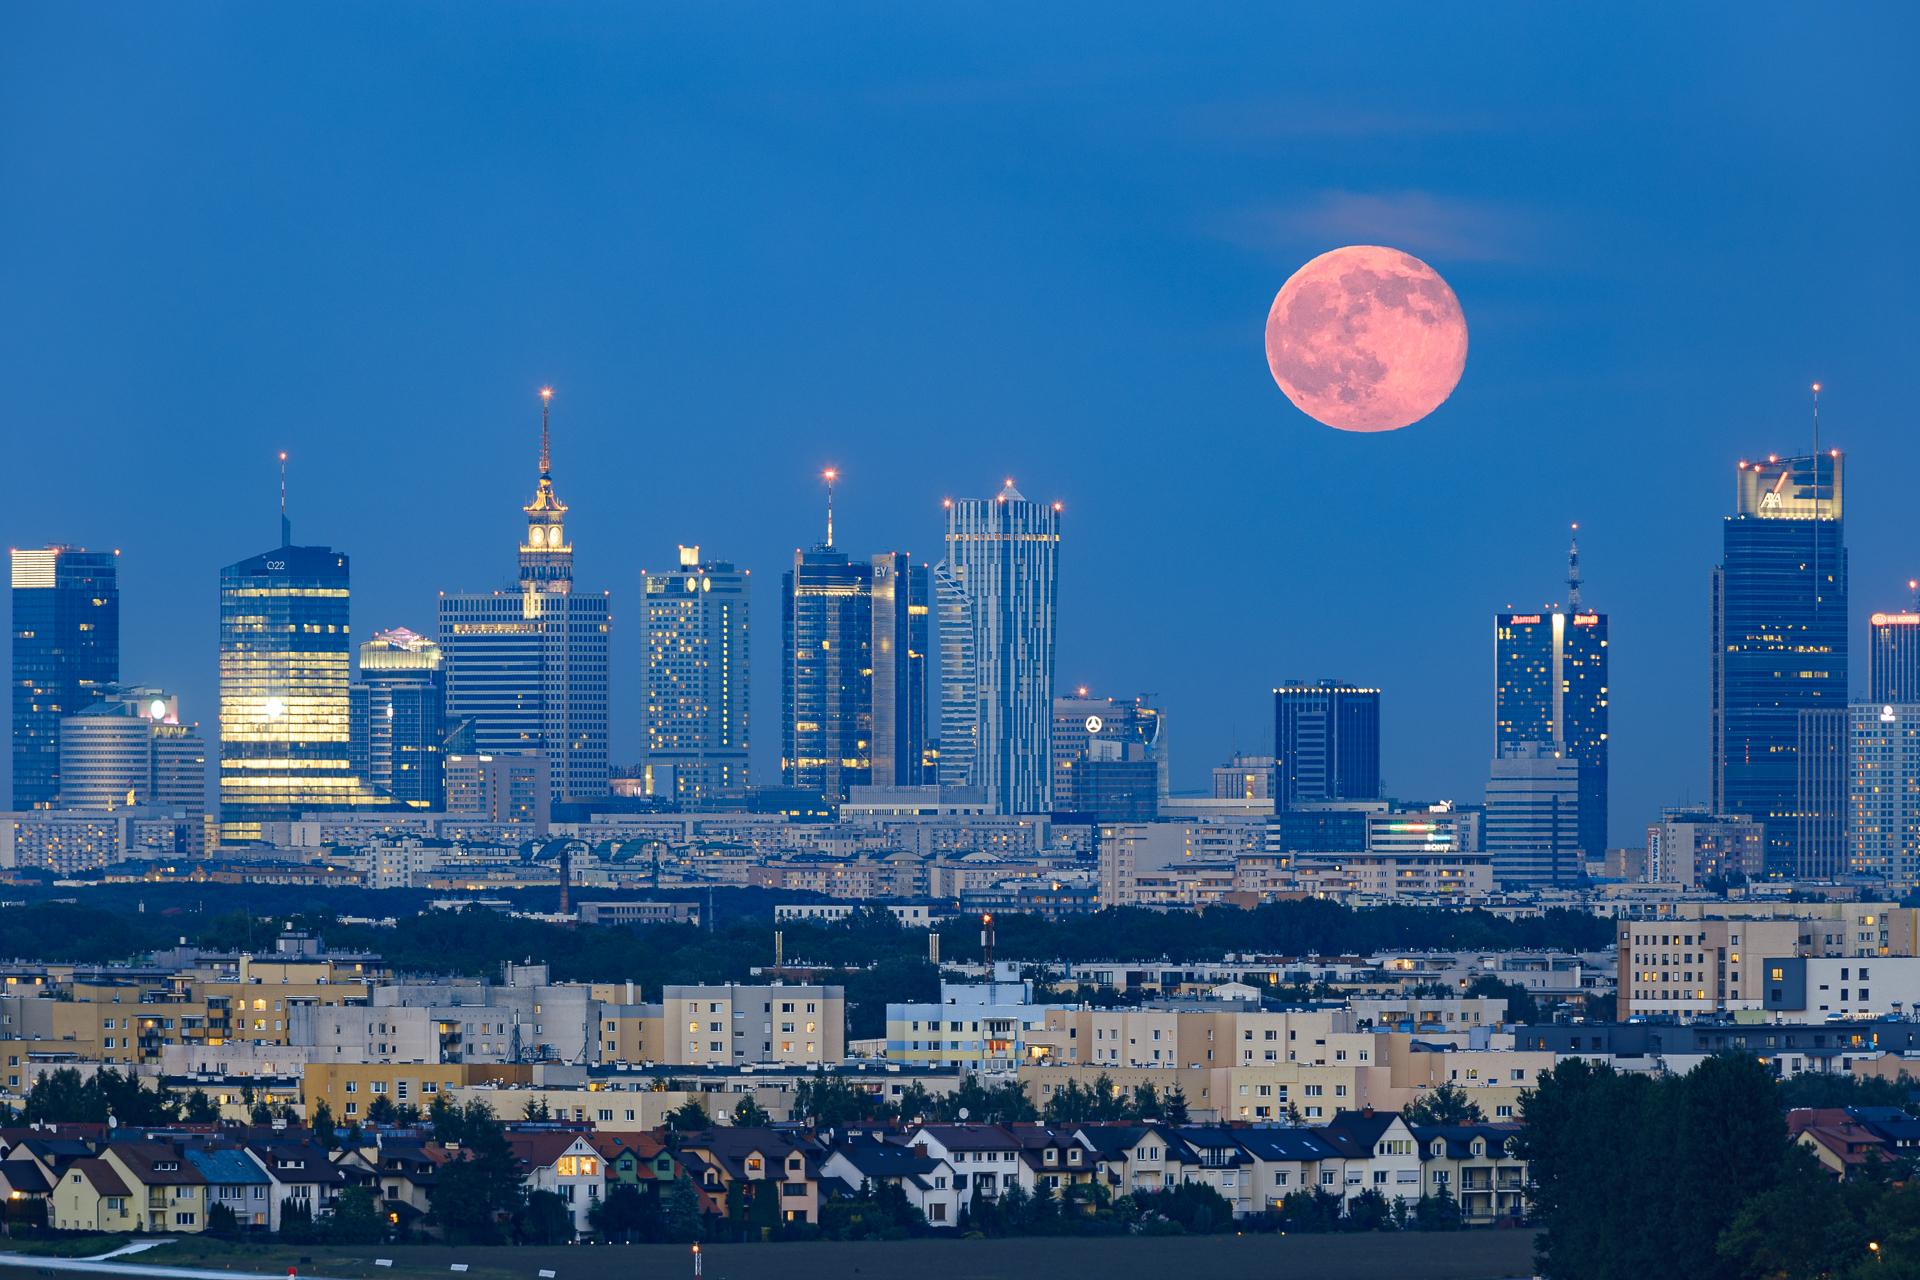 Zdjęcie księżyca nad Warszawa